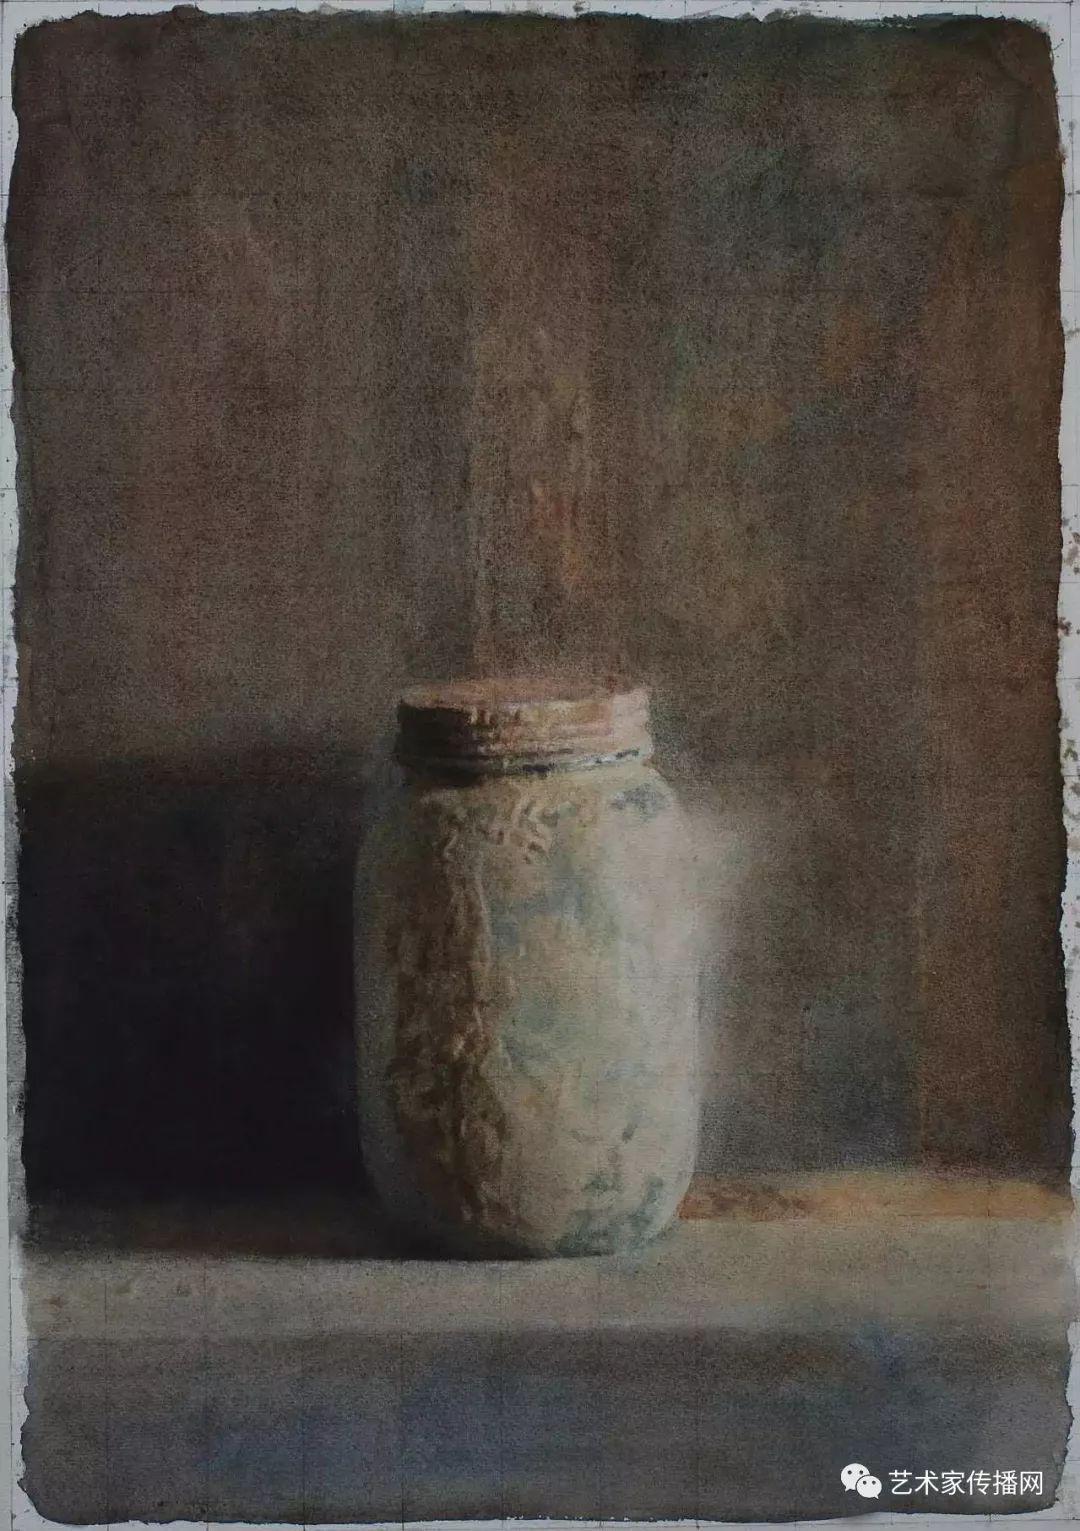 他只画老油灯空瓶子和女人体,却惊艳了整个画坛!插图1